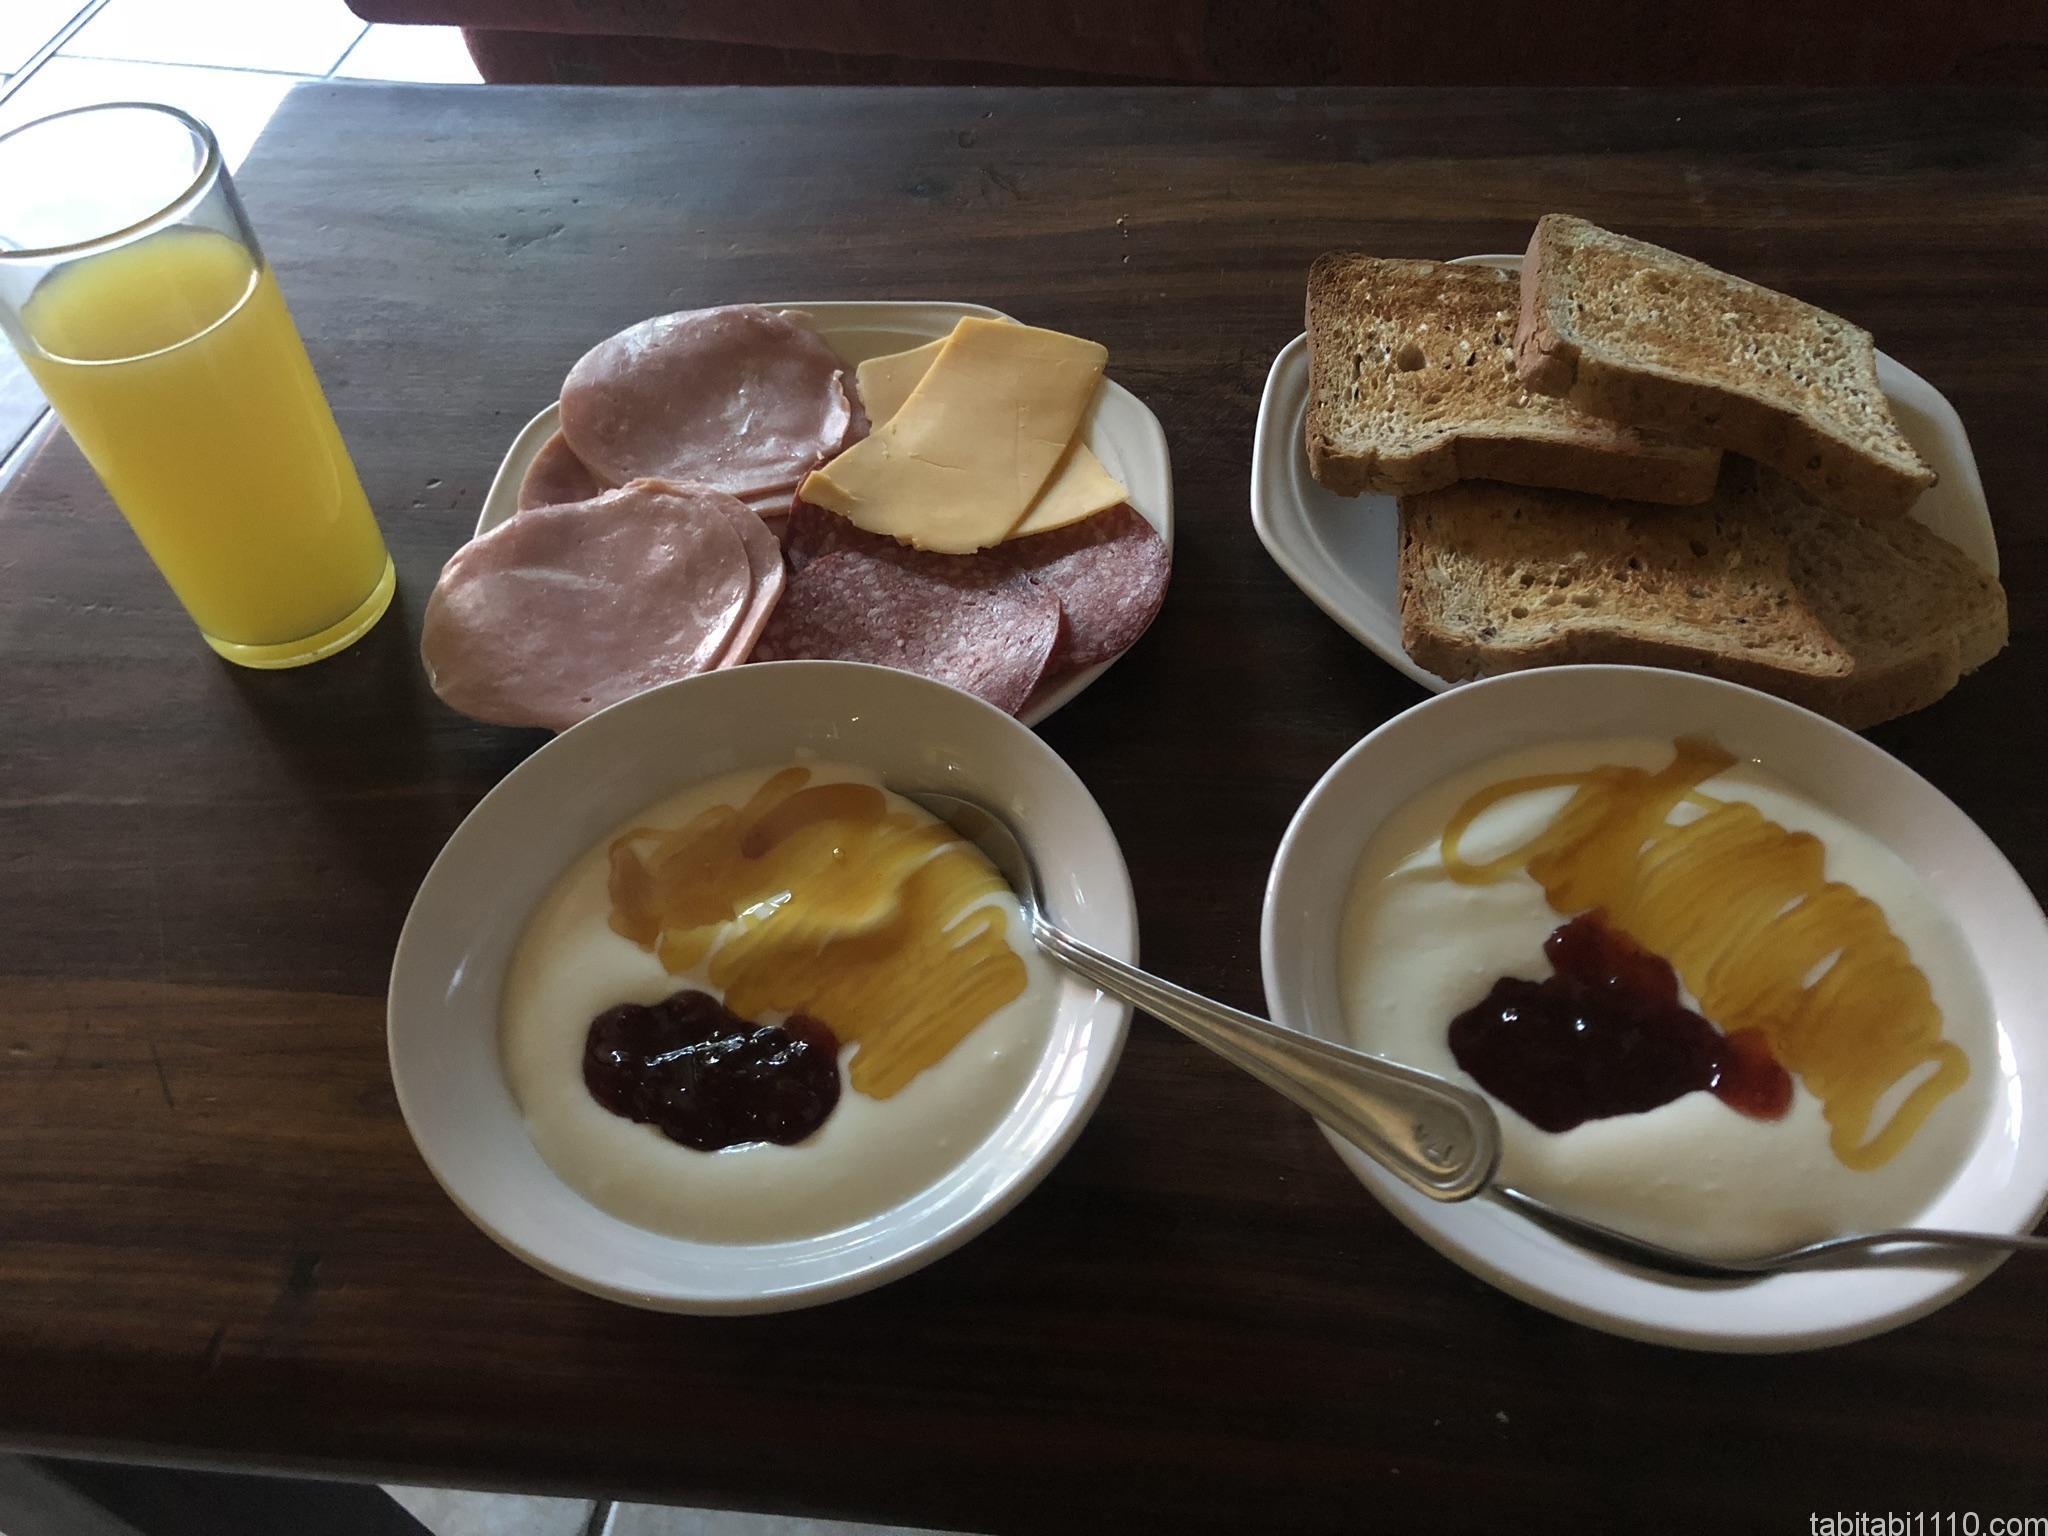 カメレオンバックパッカーズ|朝食